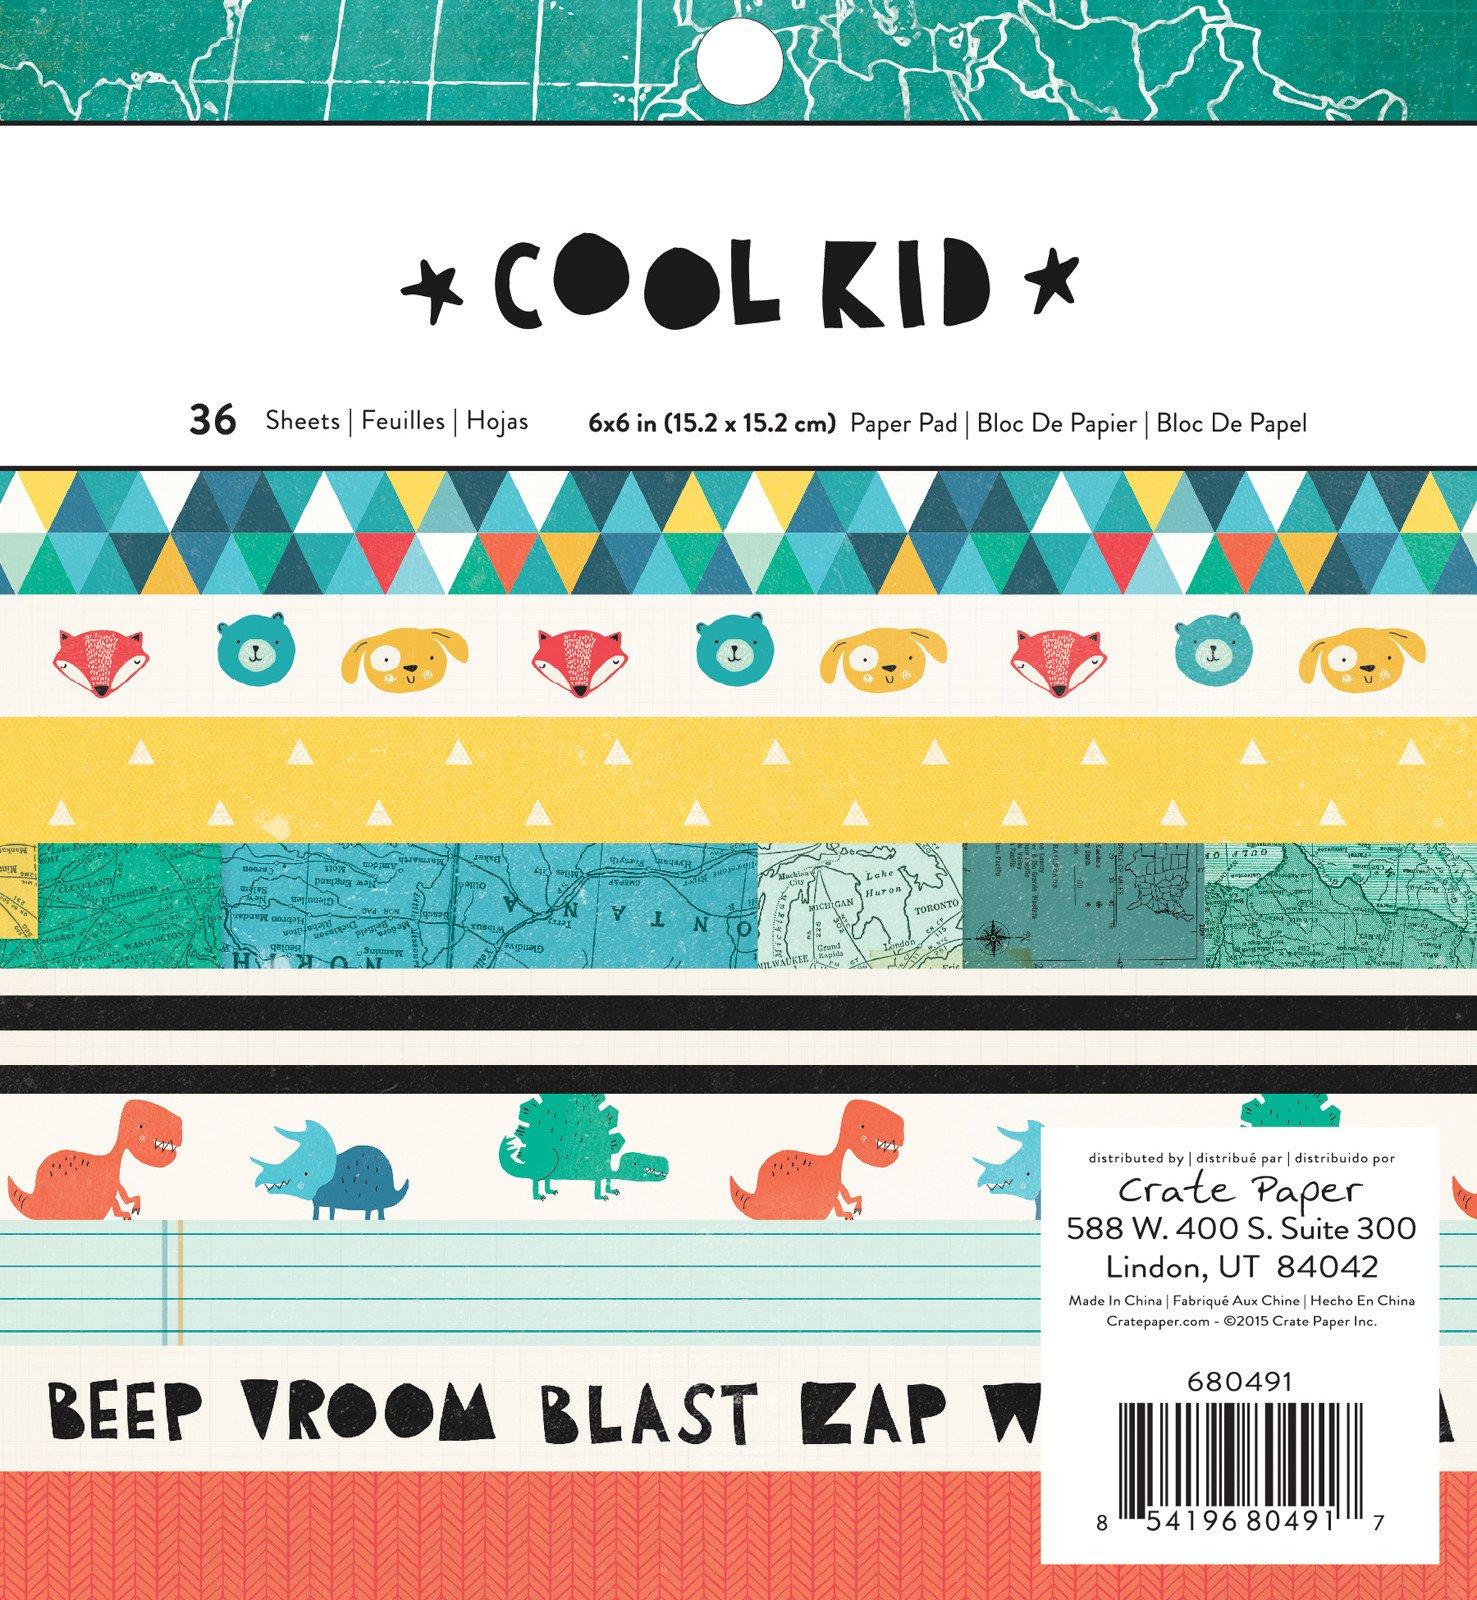 Cool Kid 6x6 Paper Pad